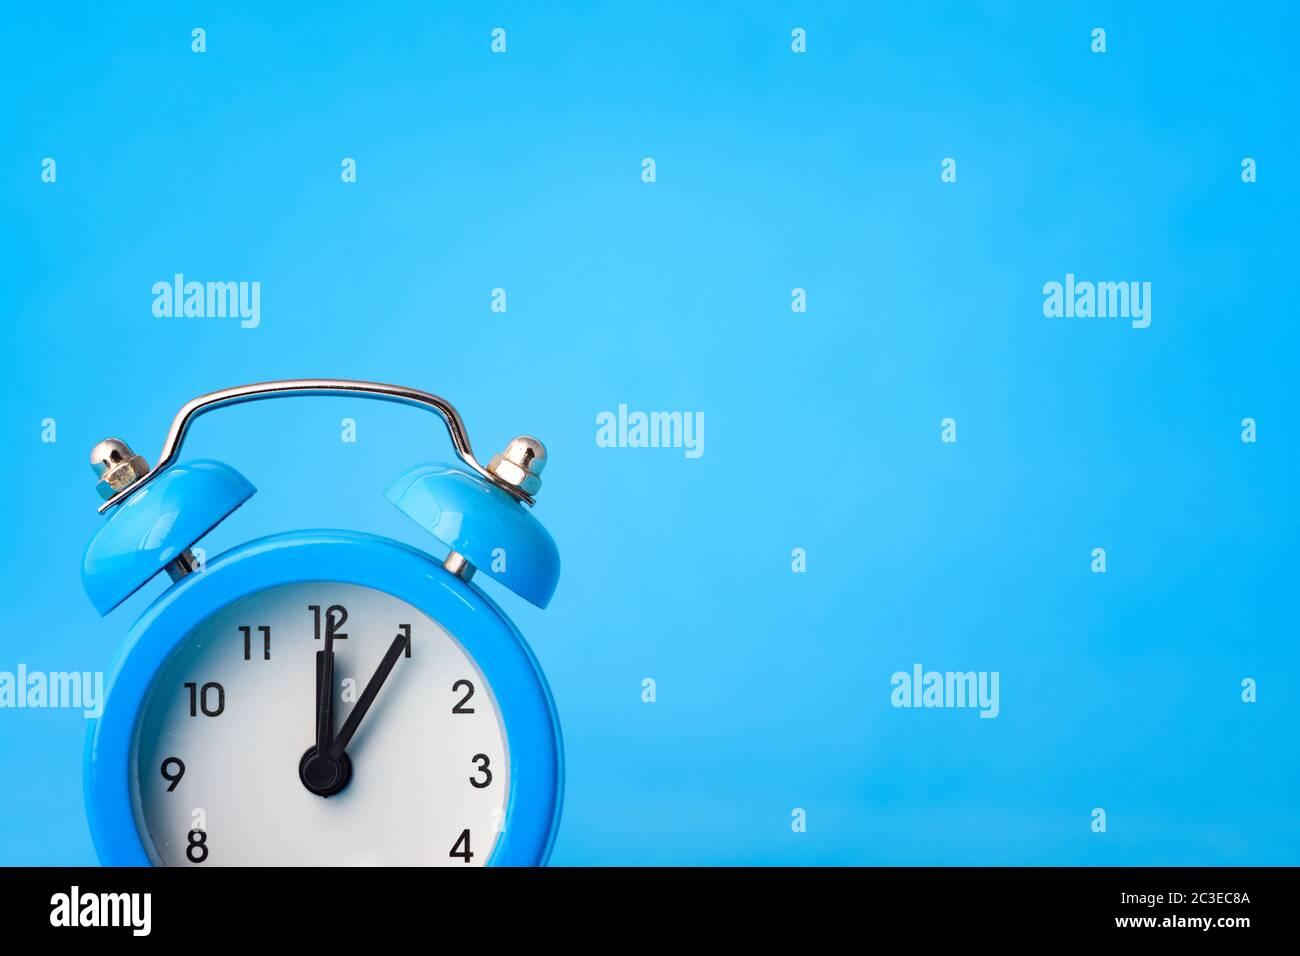 Uhrkonzept - Zeit, rechts leerer Ort, blauer Hintergrund Stockfoto